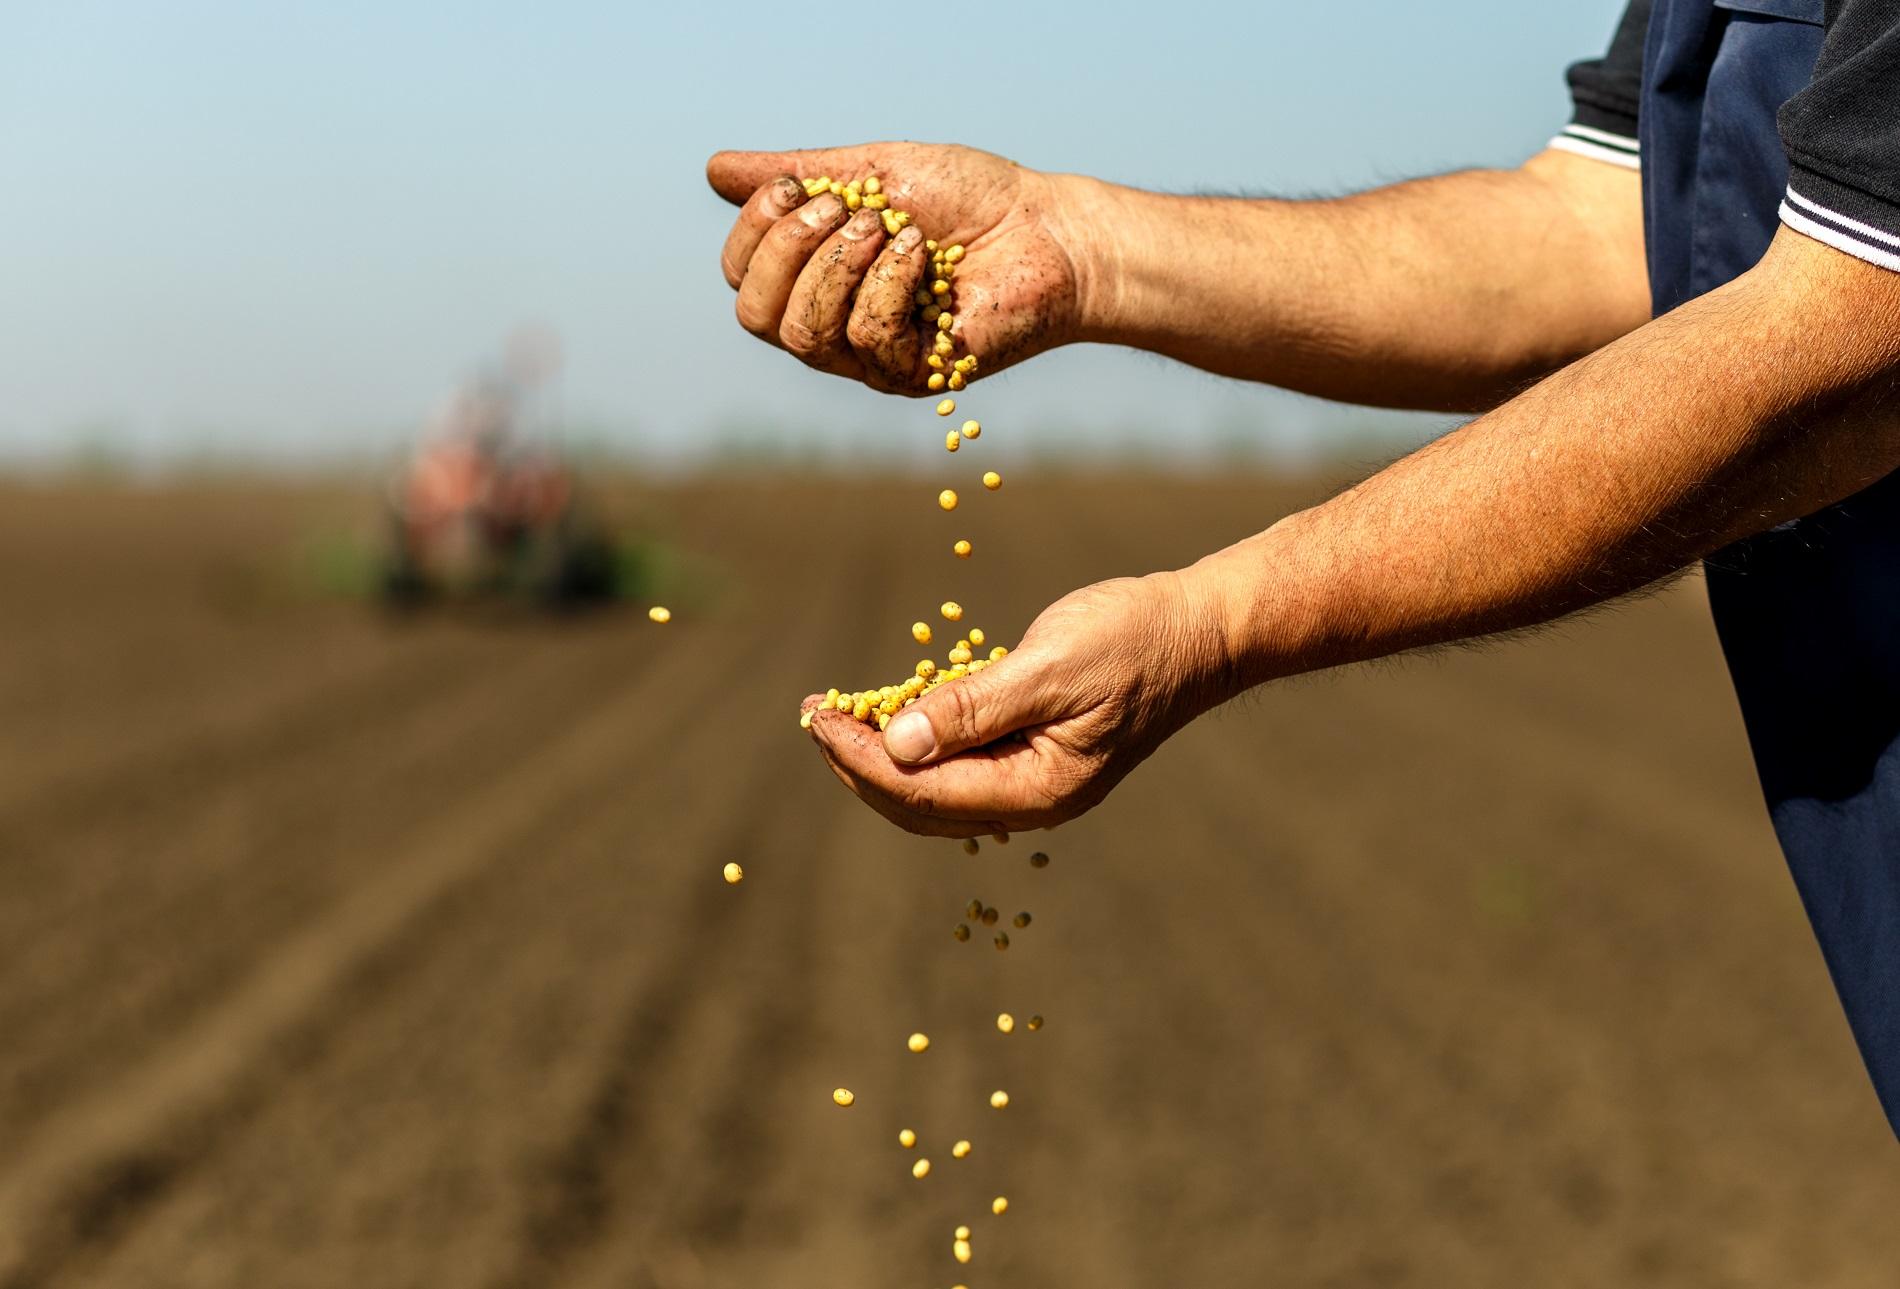 ¿Qué tipos de semillas puedes emplear en tu actividad agrícola?